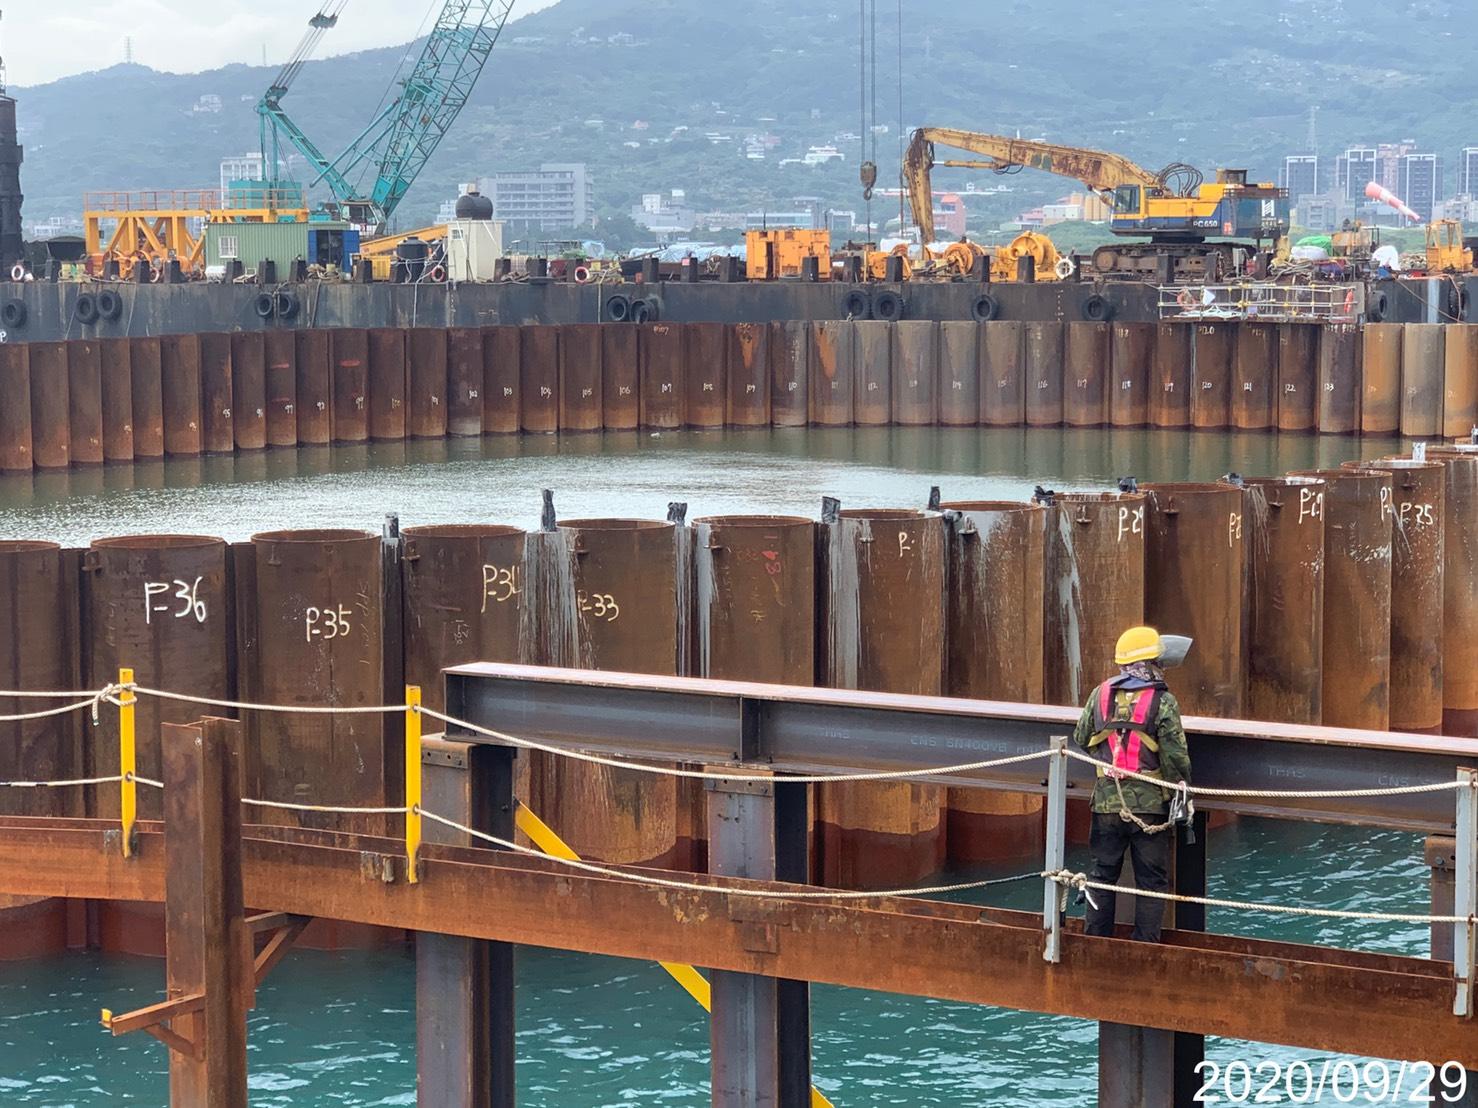 淡水端施工鋼便橋型鋼立柱大樑打設組立安裝作業.